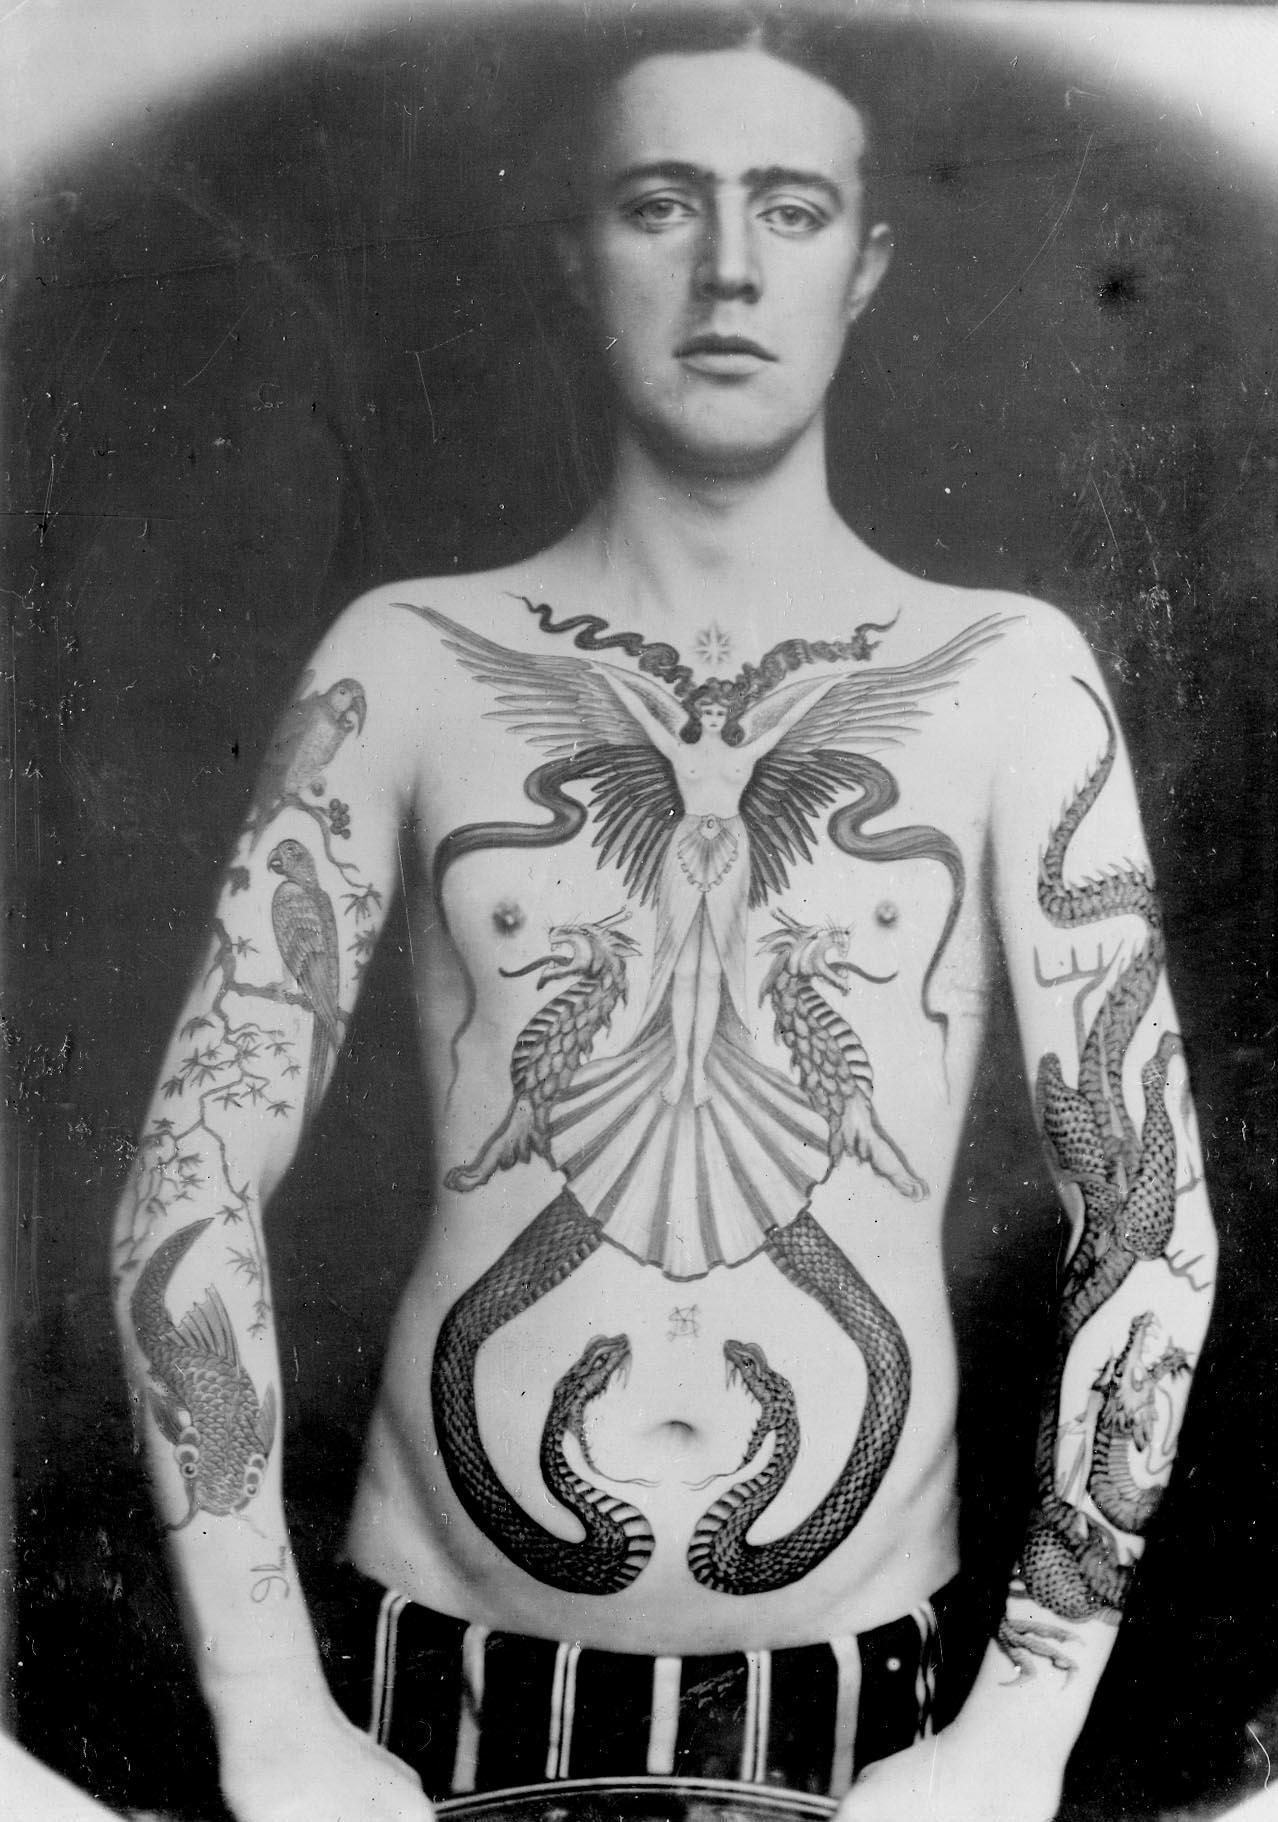 ვიქტორიანული დრო, ვიქტორიანული ინგლისი, ვიქტორიანული ბრიტანეთი, ტატუირება, ვიქტორიანული ტატუ, ხელოვნება, ხელოვანი, არქივი, საზერლენდ მაკდონალდი, Qwelly, art, Victorian Times, England, Britian, First Tattoo Artists, Sutherland Macdonald, Victorian Tattoo, Tattoo